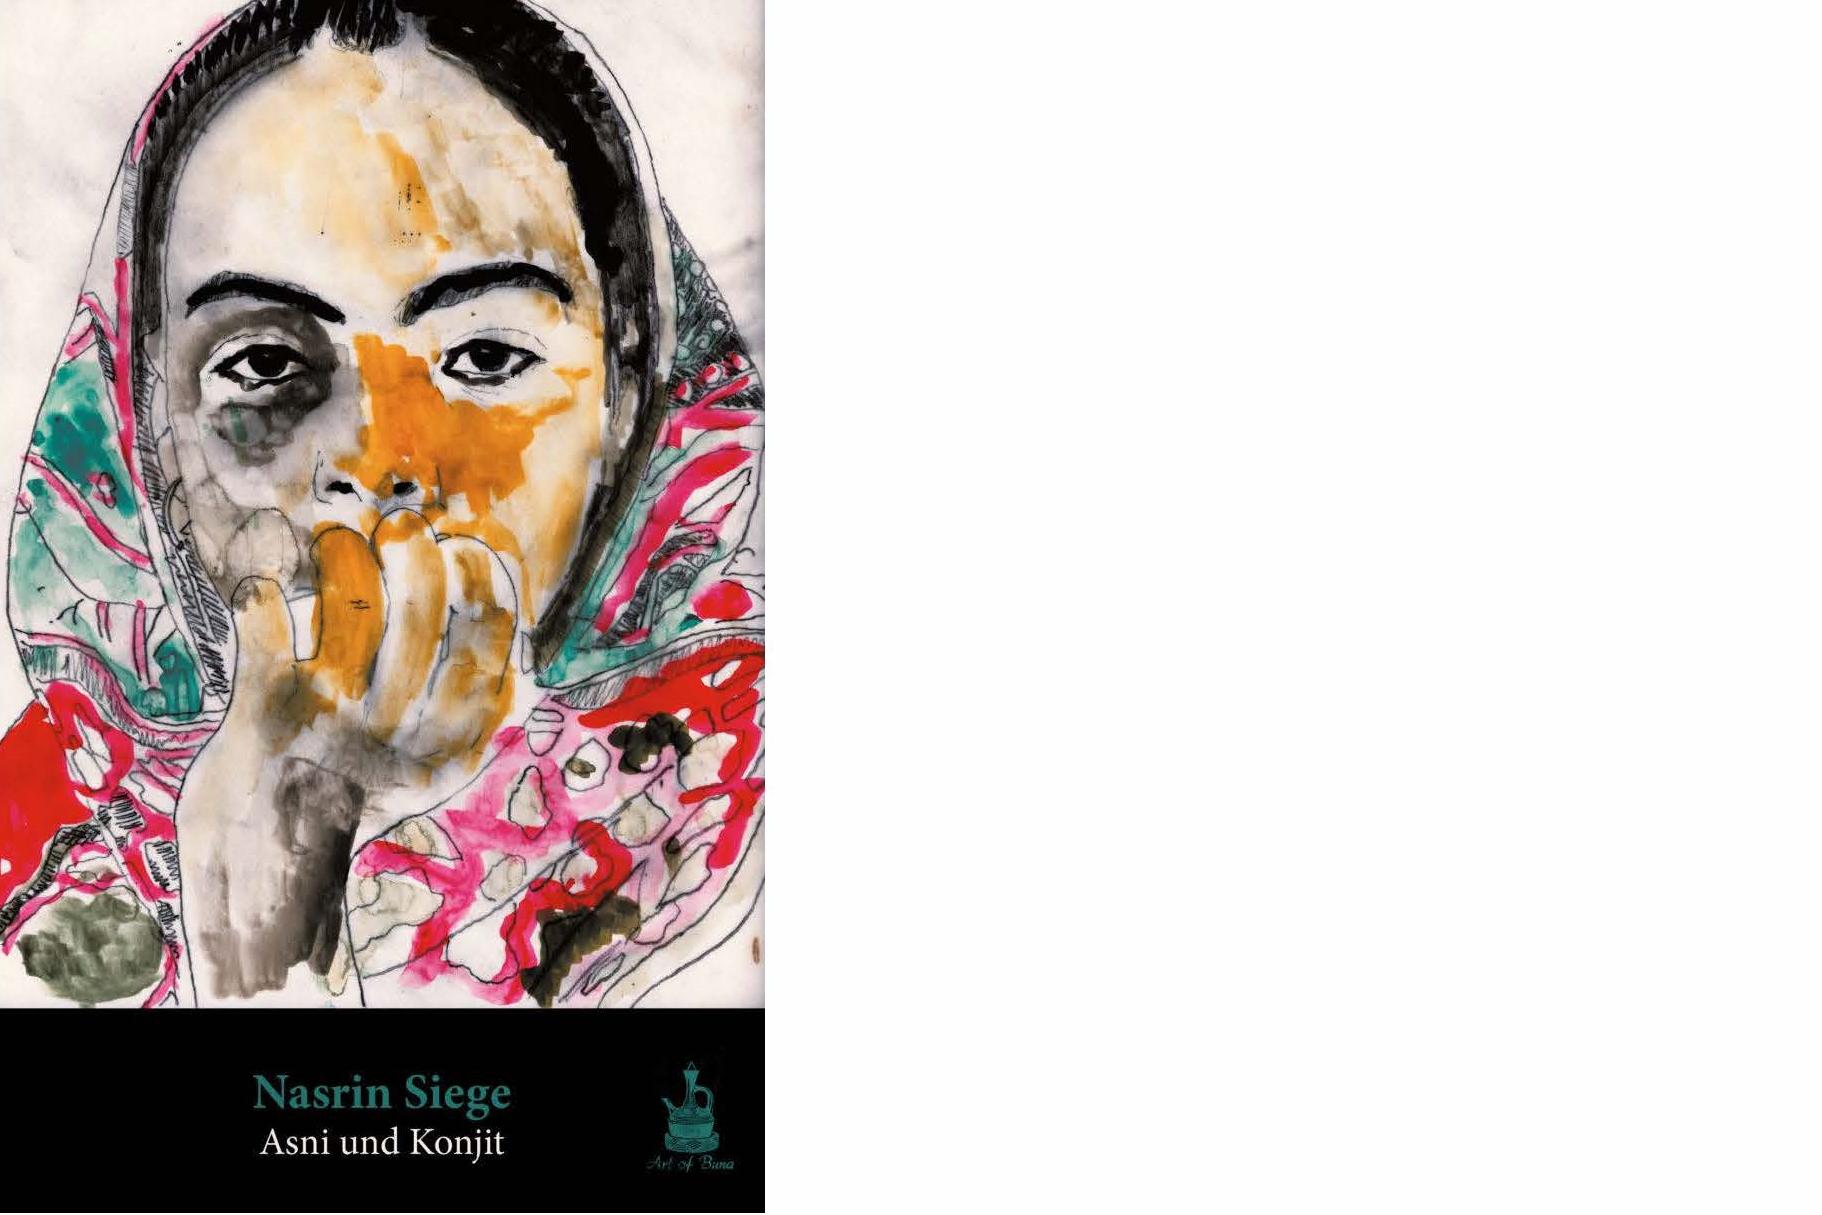 Lesung zur Förderung von Literatur für junge Menschen in Äthiopien